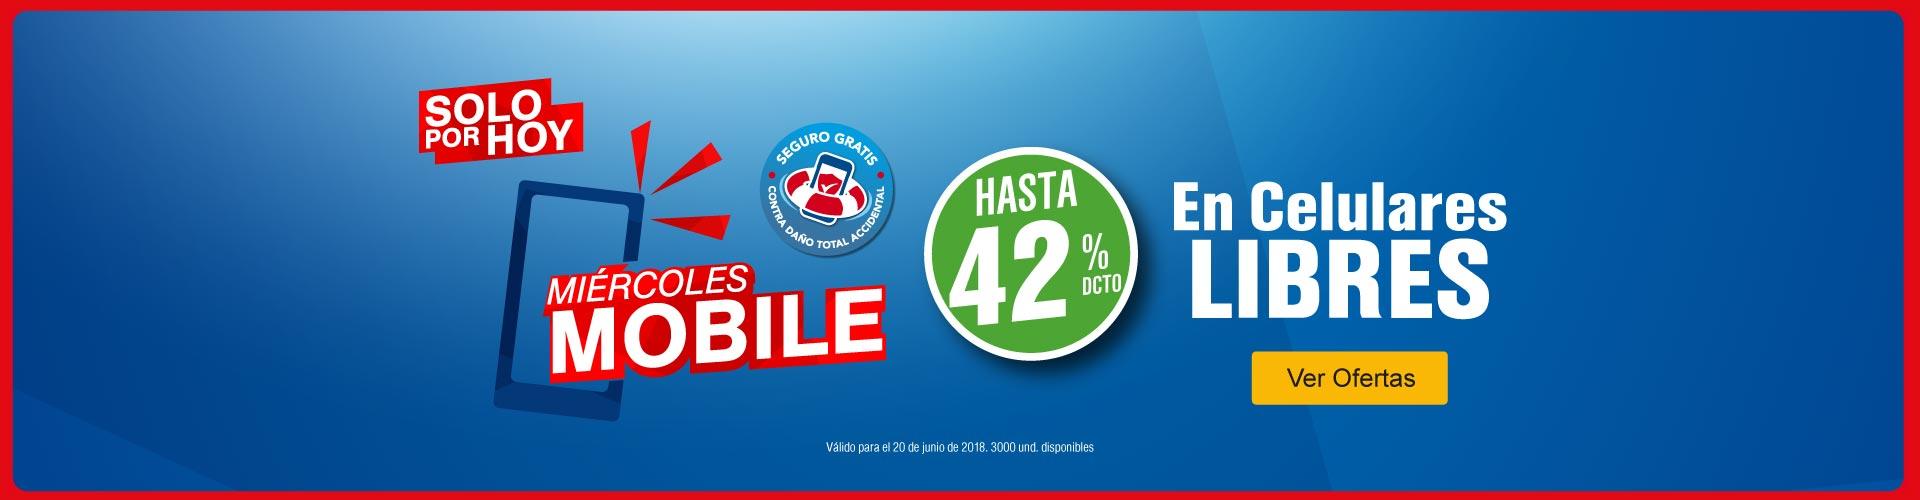 AK-KT-PPAL-2-celulares-EVE---Miercoles-Mobile-Celulares-Jun20